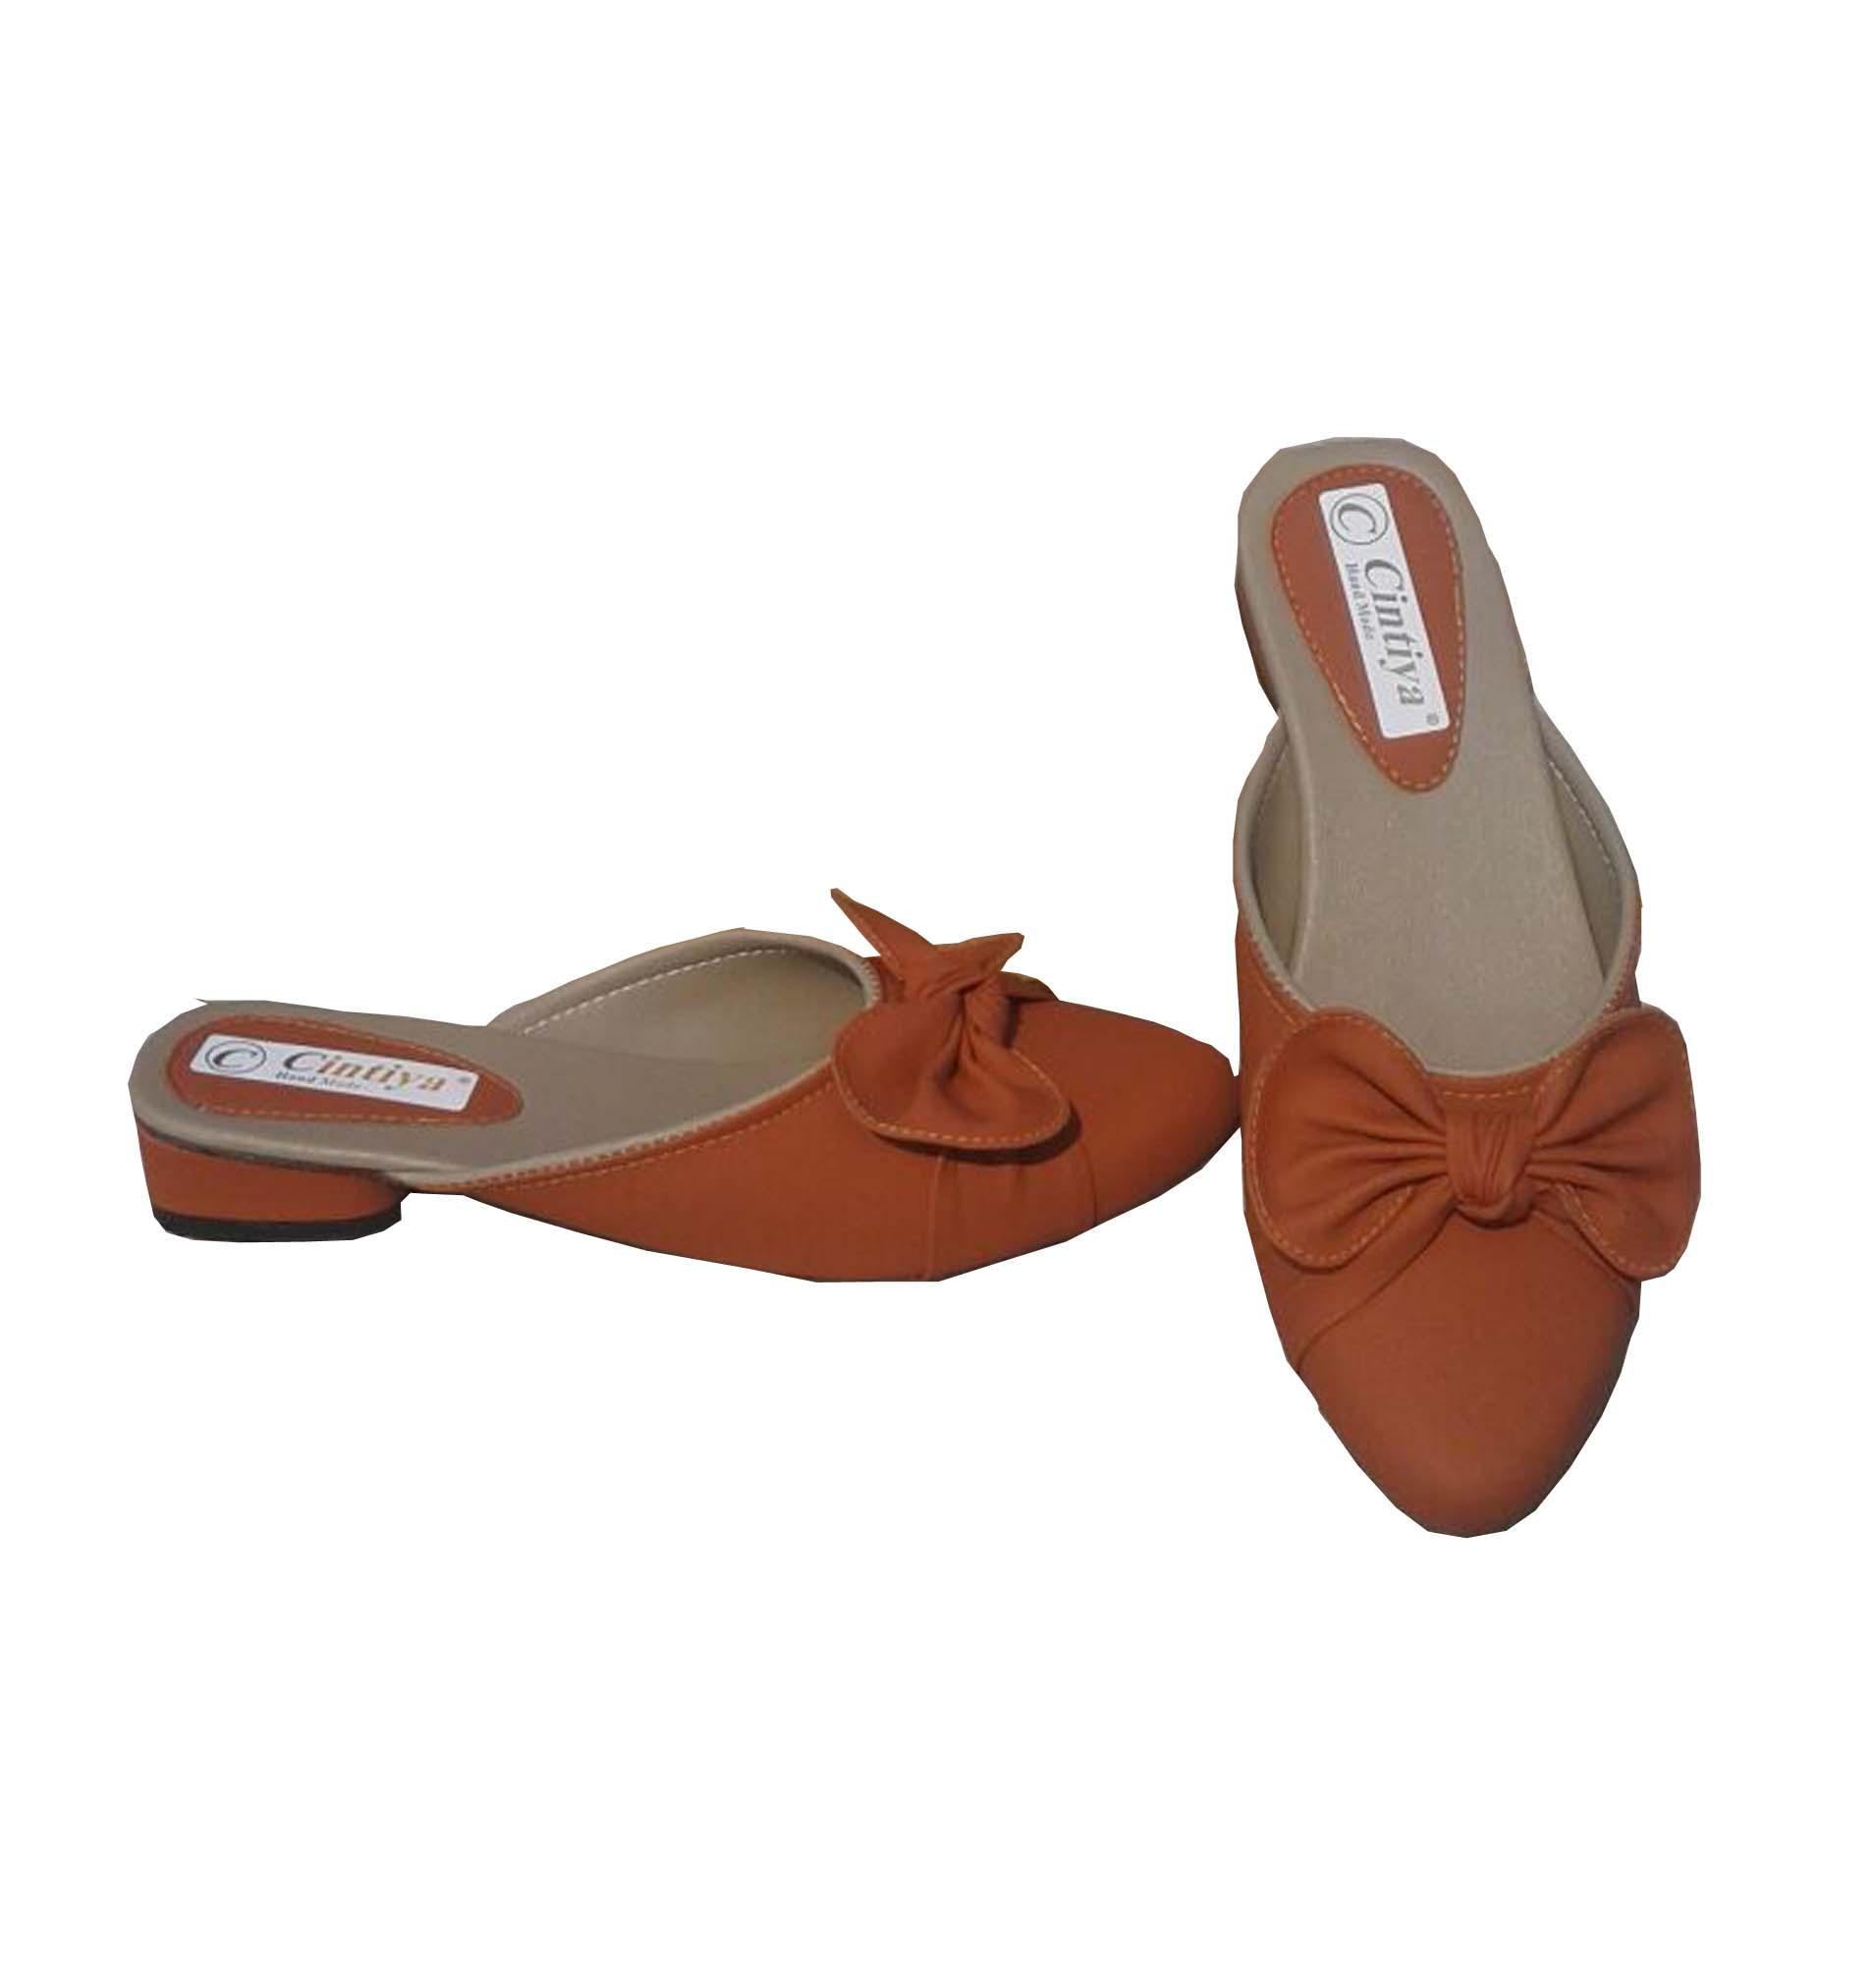 Diky noval/ Sandal Wanita Slop pita Fhasion Wanita Flat Shoes/ Sandal Formal/ Sandal Non-Formal/ Sandal Elegan/ Sandal Trendy/ Sandal selop flatshoes